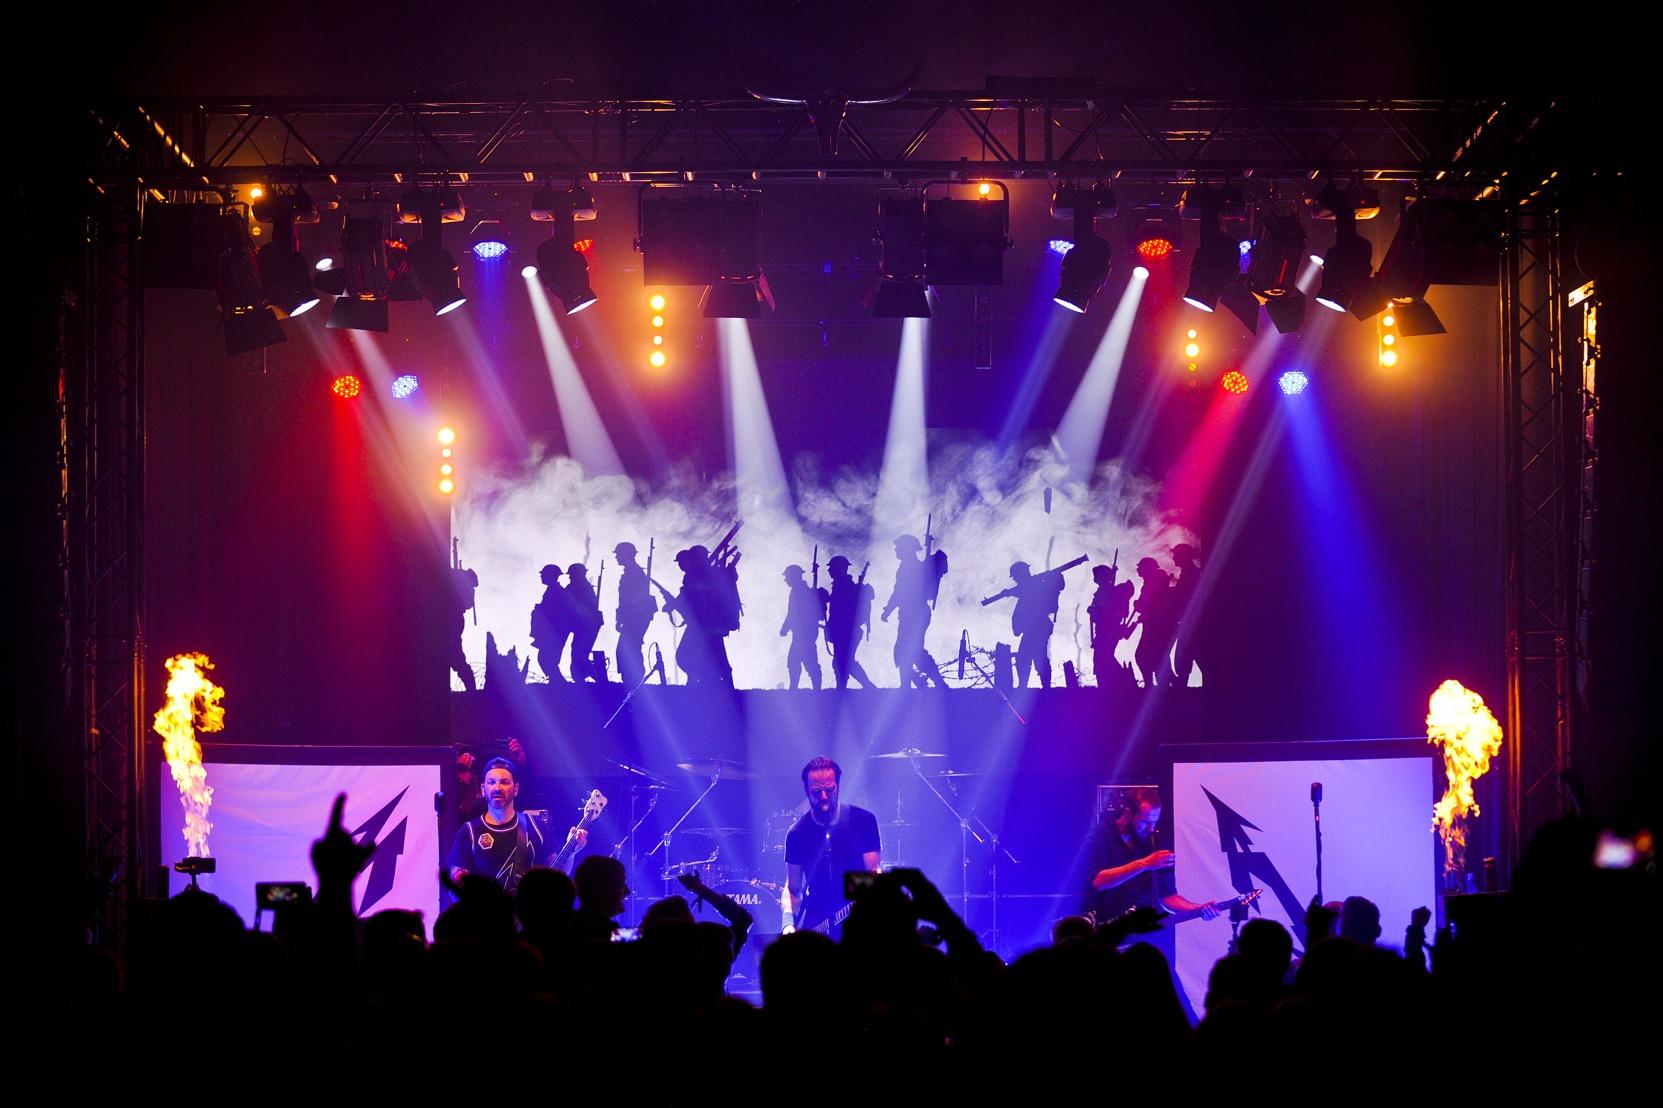 mytallica-mosh-n-may-festival-schapen-deutschland-2019-4759-stage-design-soldiers